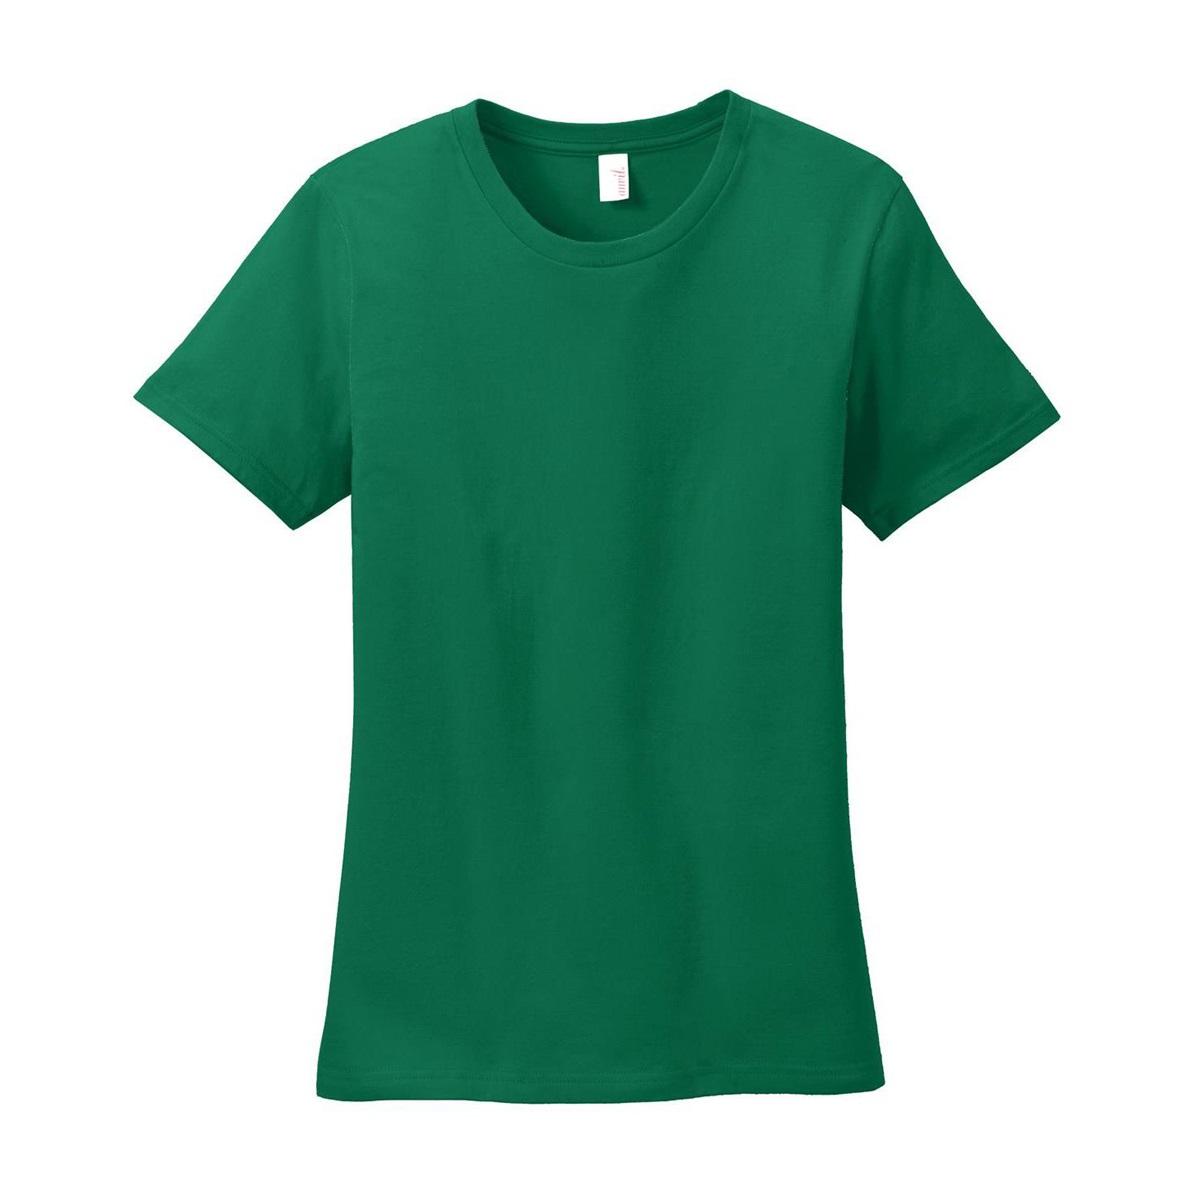 Anvil 880 ladies 100 ring spun cotton t shirt kelly for 100 ringspun cotton t shirt wholesale